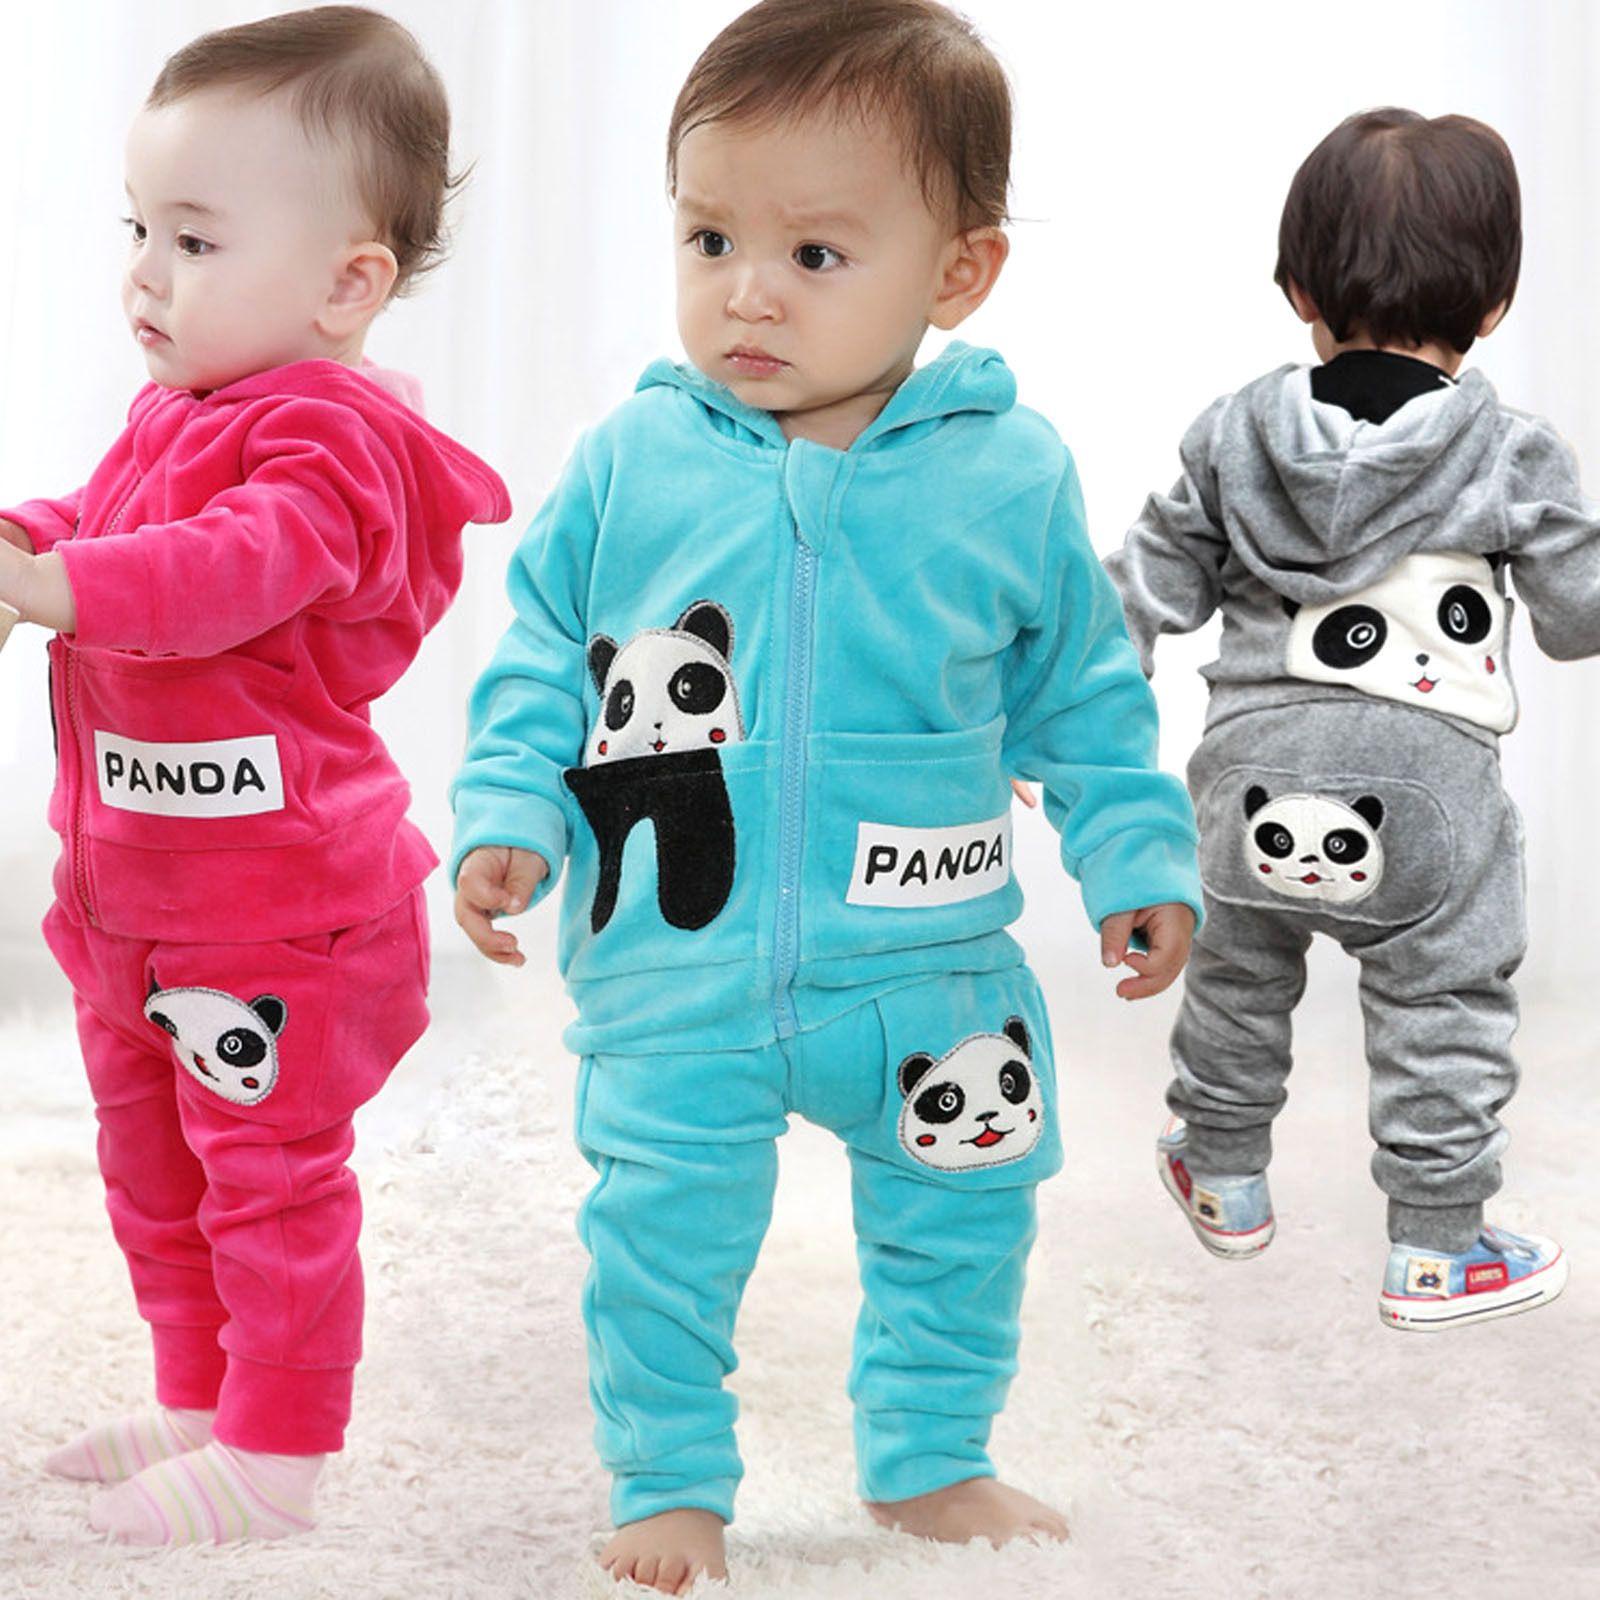 بالصور ملابس اطفال اولاد , مجموعه من ملابس الاولاد الصغار اخر شياكه 6732 4